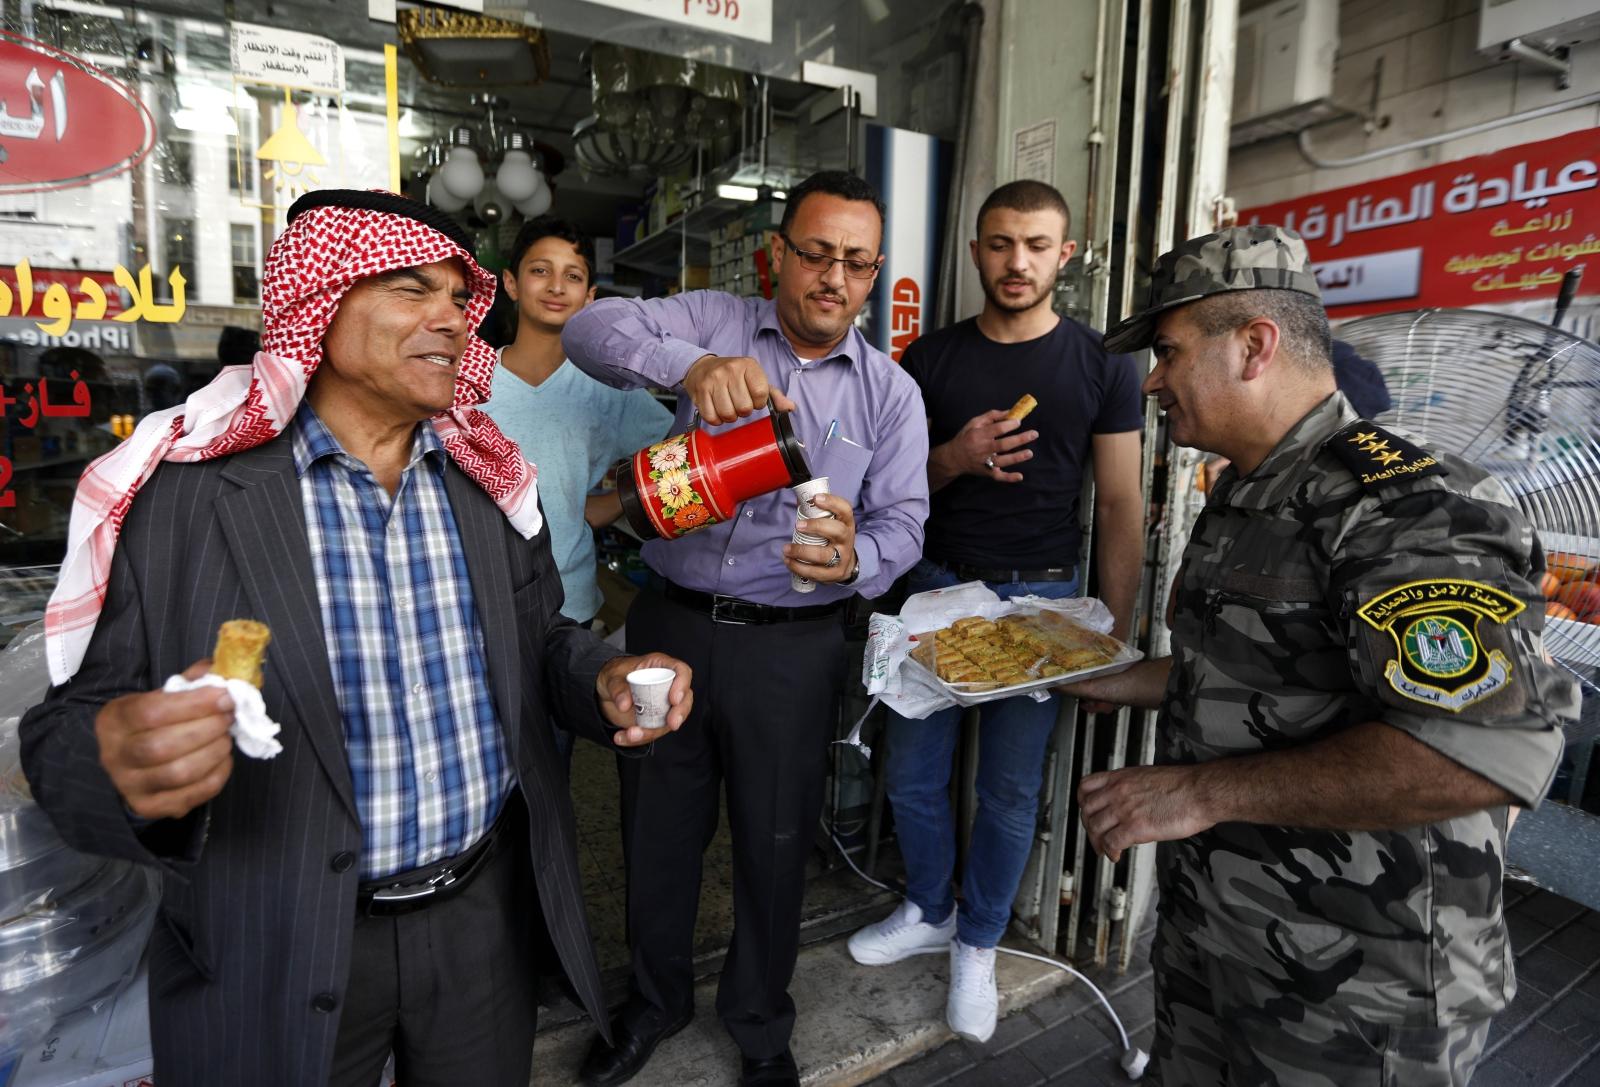 Palestyński żołnierz częstuje ludzi na ulicy słodyczami